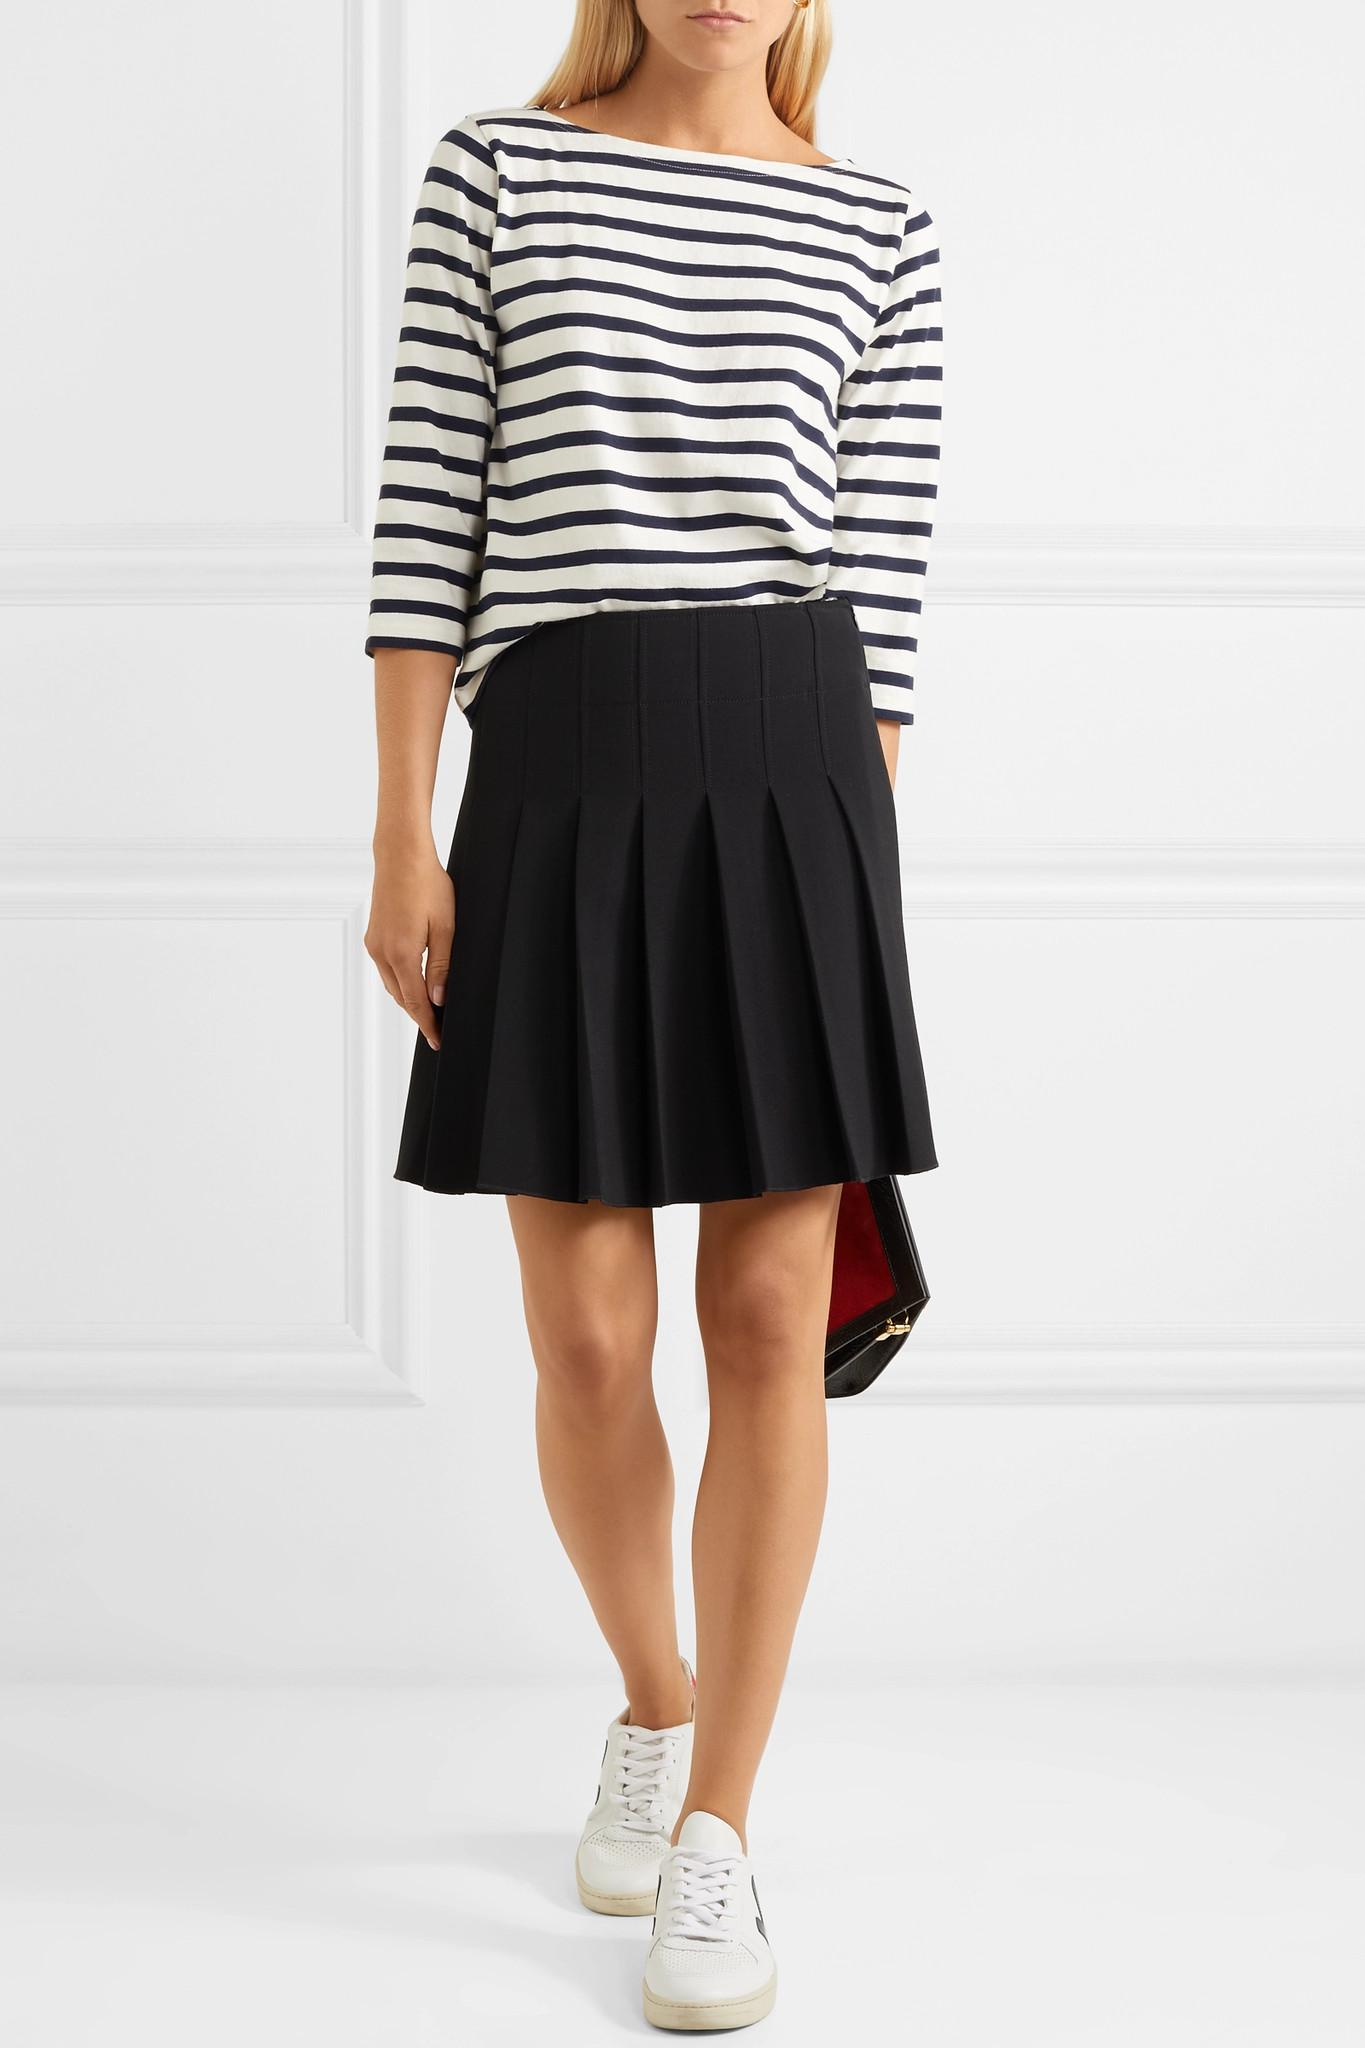 Lyst - Mini-jupe Plissée En Crêpe Ella A.P.C. en coloris Noir a562190c0943